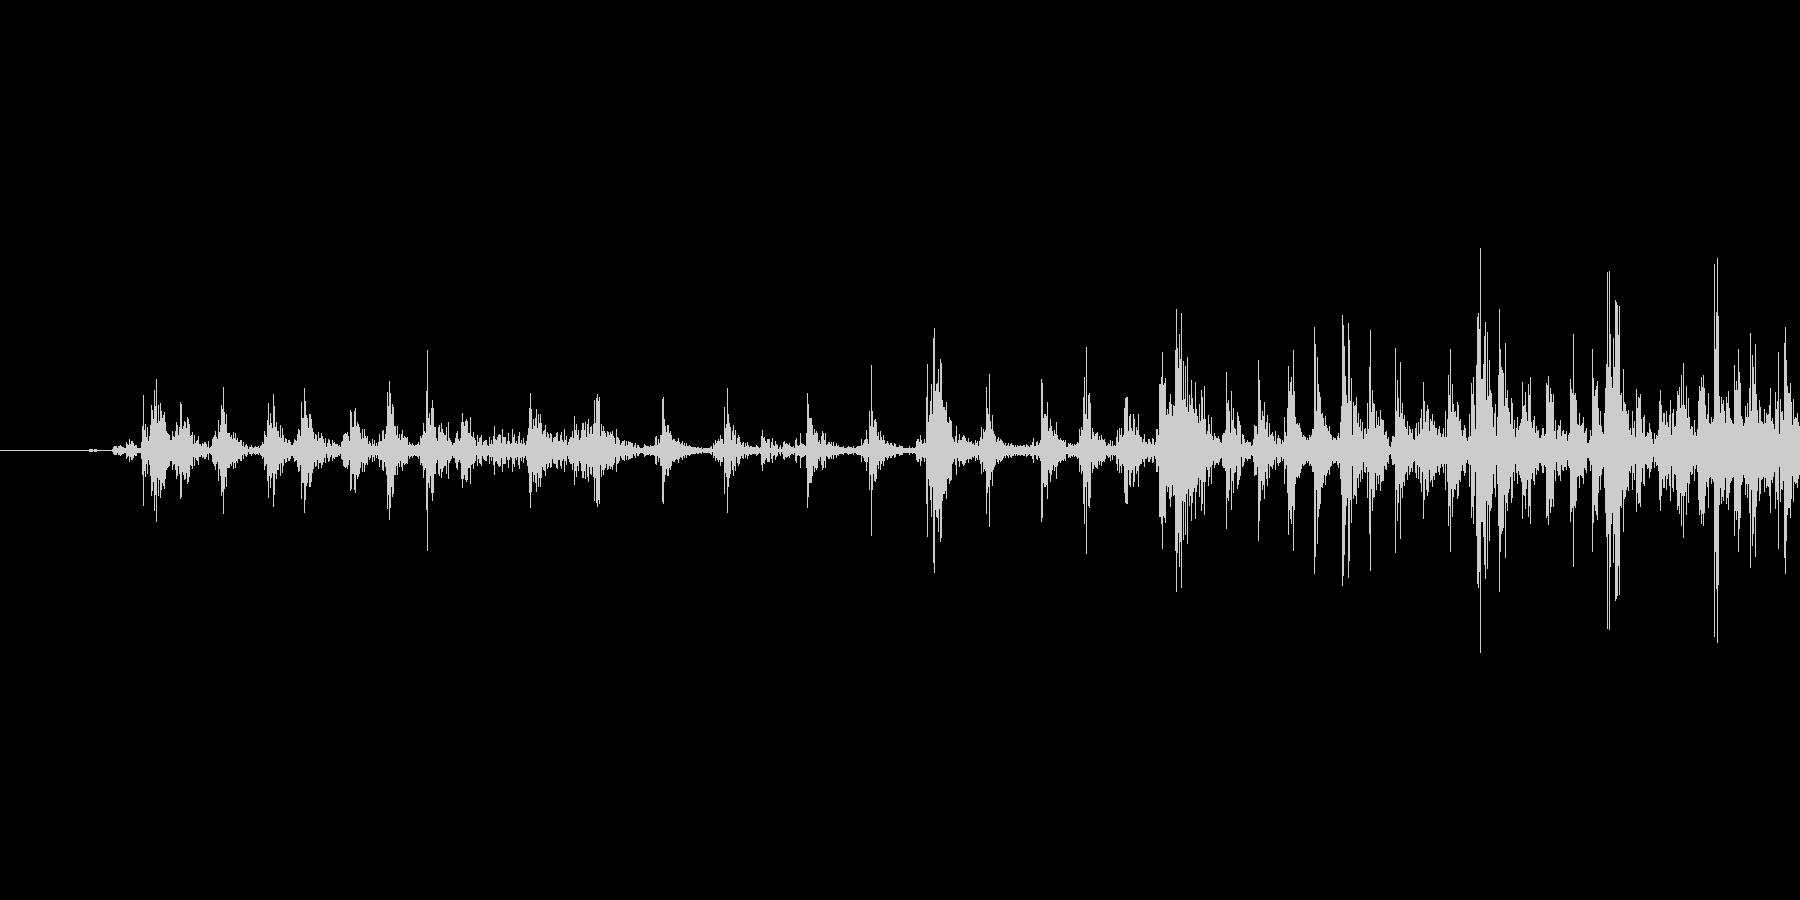 ゲームの効果音 3の未再生の波形